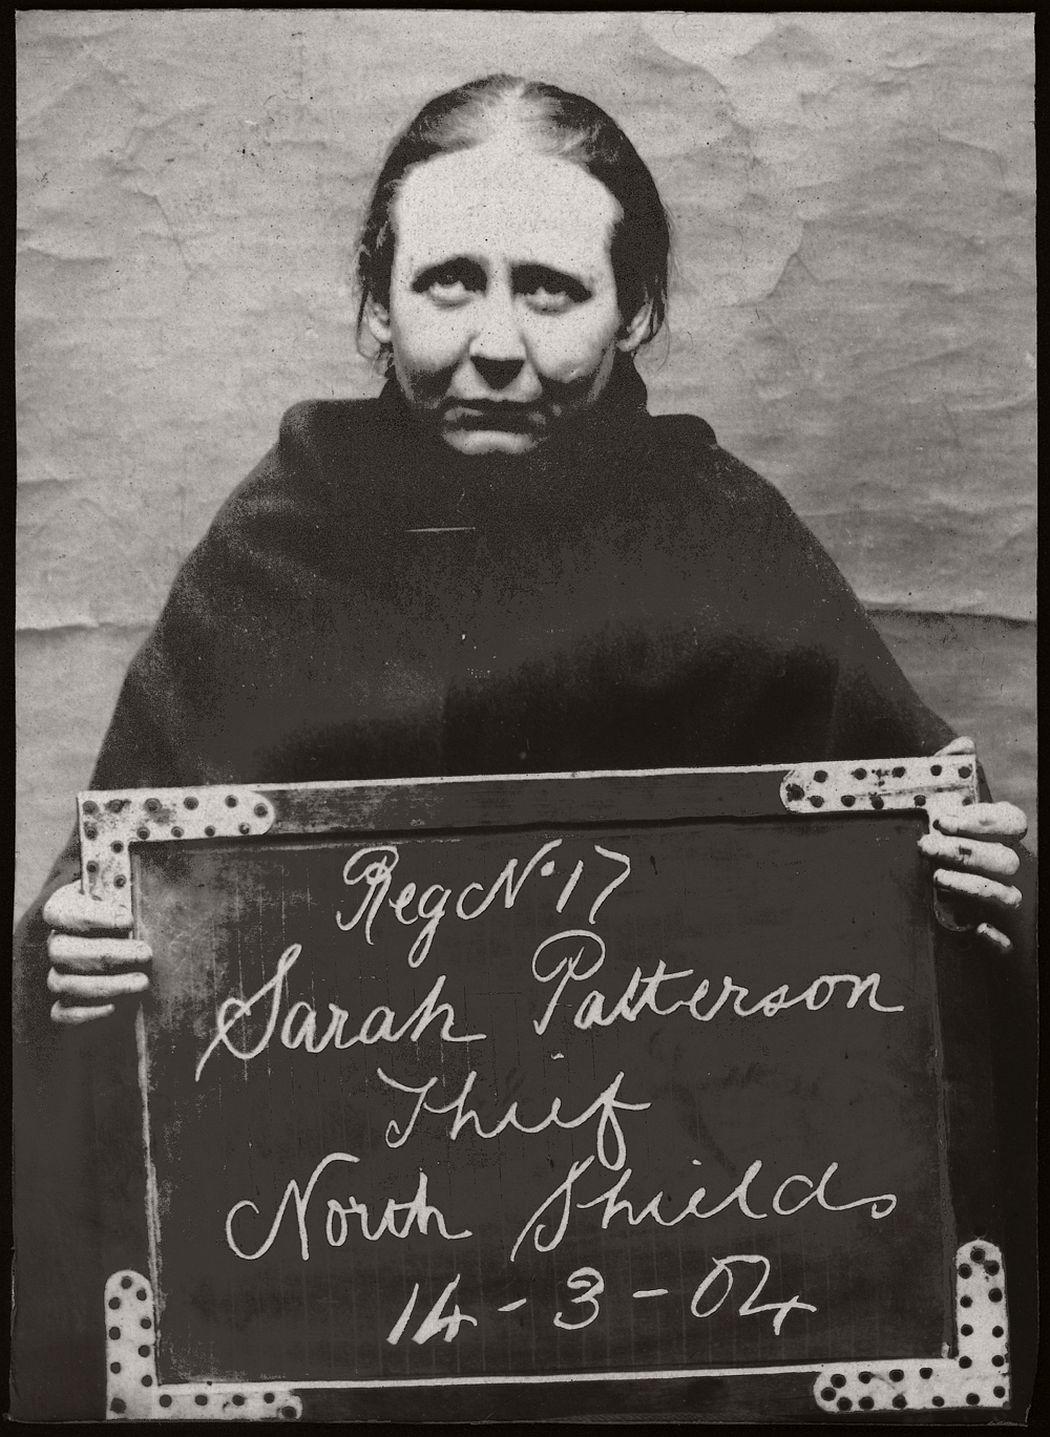 vintage-mug-shot-of-women-criminals-from-north-shields-1903-1905-13